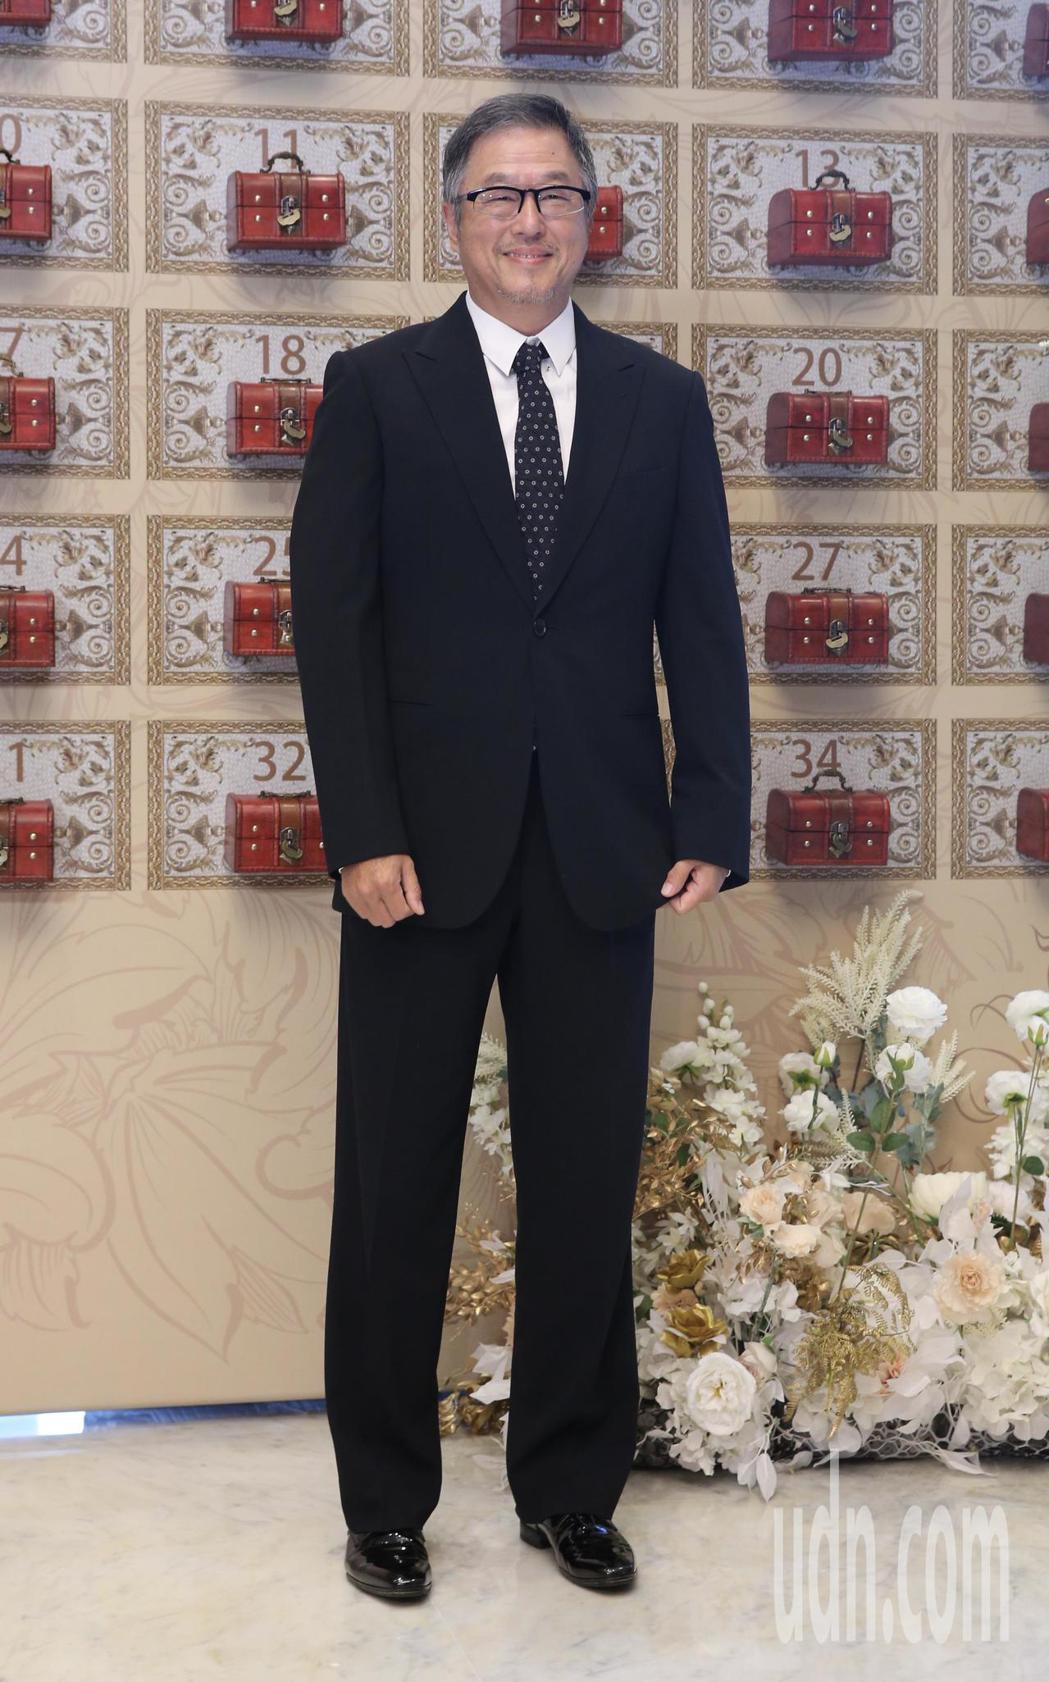 綜藝節目製作人B2中午在寒舍艾美舉行婚宴,製作人王偉忠(圖)到場祝福。記者許正宏...